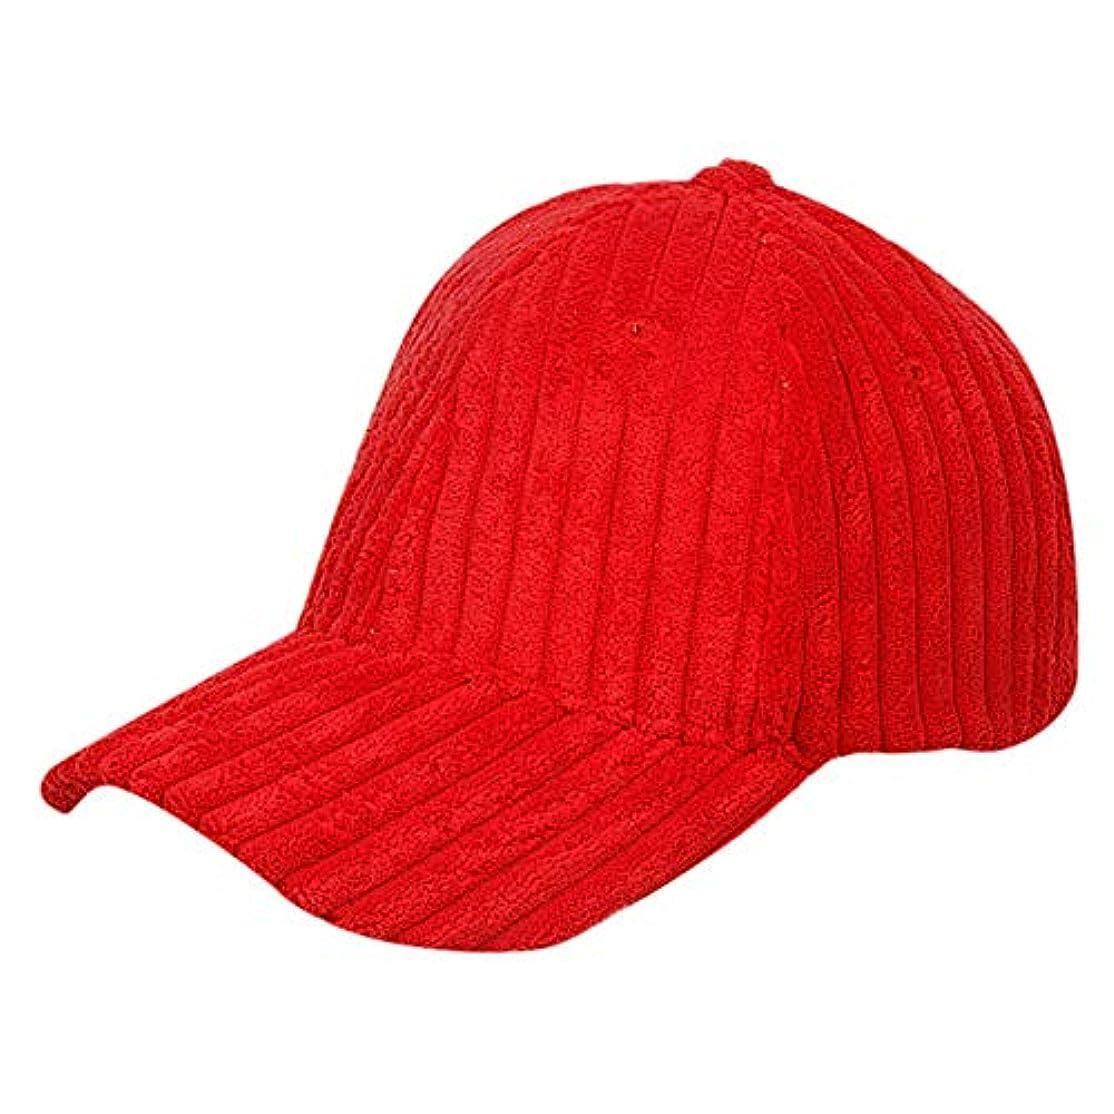 大胆お金ケニアRacazing Cap コーデュロイ 野球帽 迷彩 冬 登山 通気性のある メッシュ 帽子 ベルクロ 可調整可能 ストライプ 刺繍 棒球帽 UV 帽子 軽量 屋外 Unisex Hat (赤)